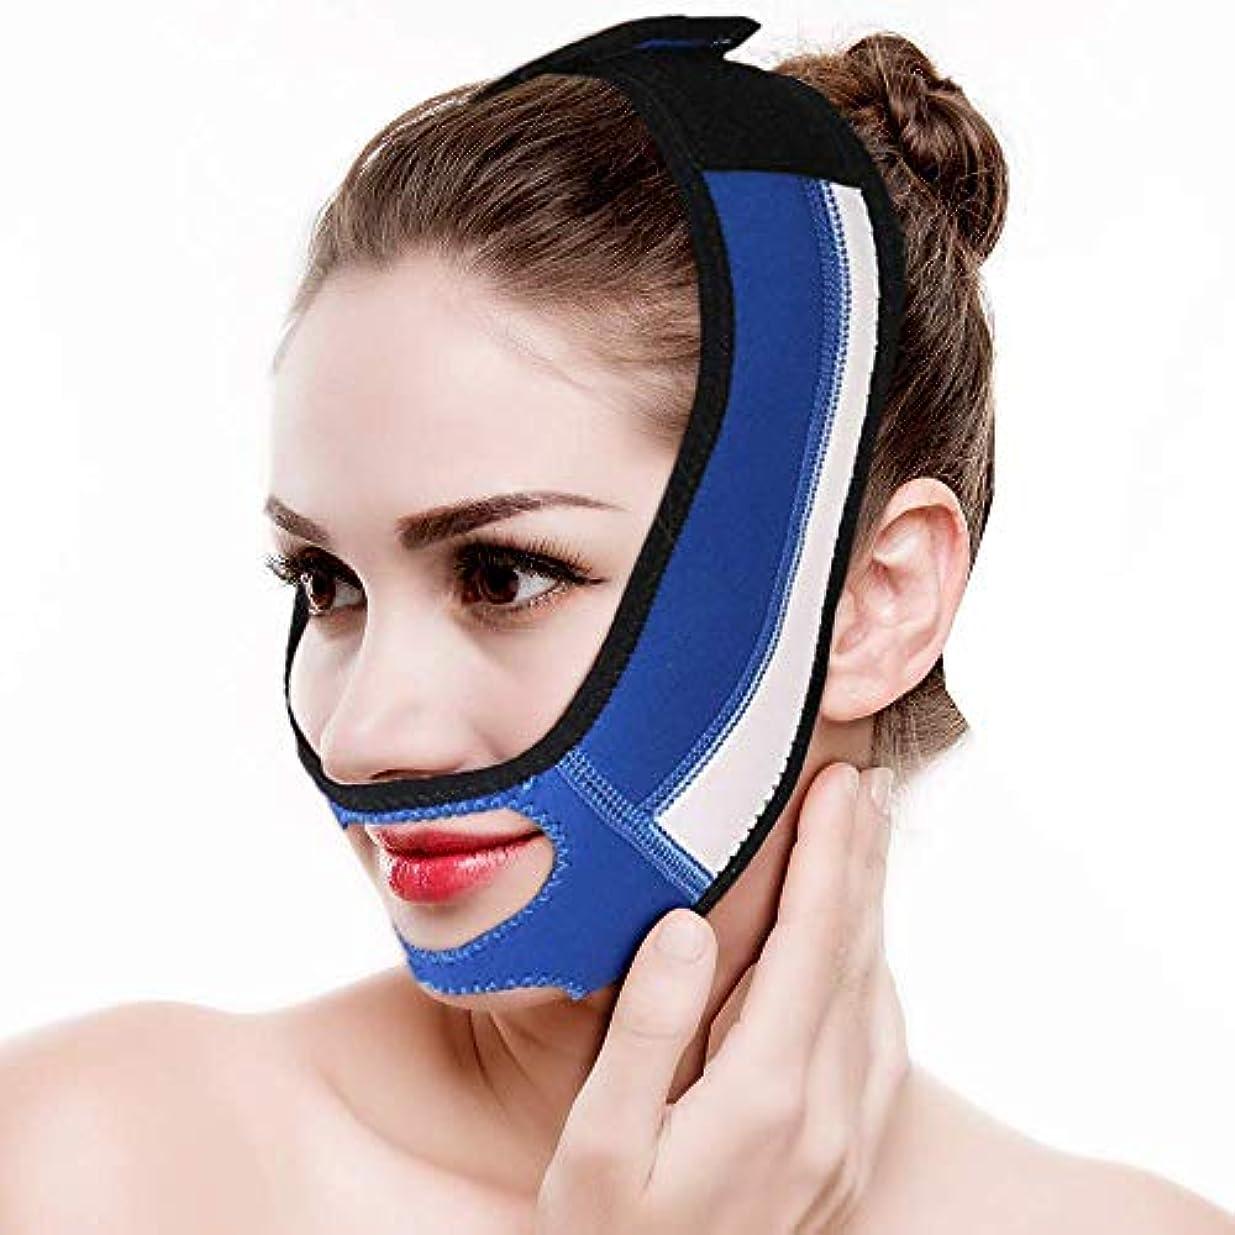 会話やろう刻むVフェイススリミングチークマスク、フェイススリム睡眠のためのストラップベルトを引っ張る口リラクゼーションを削除するスキン包帯二重あごを締め持ち上げ